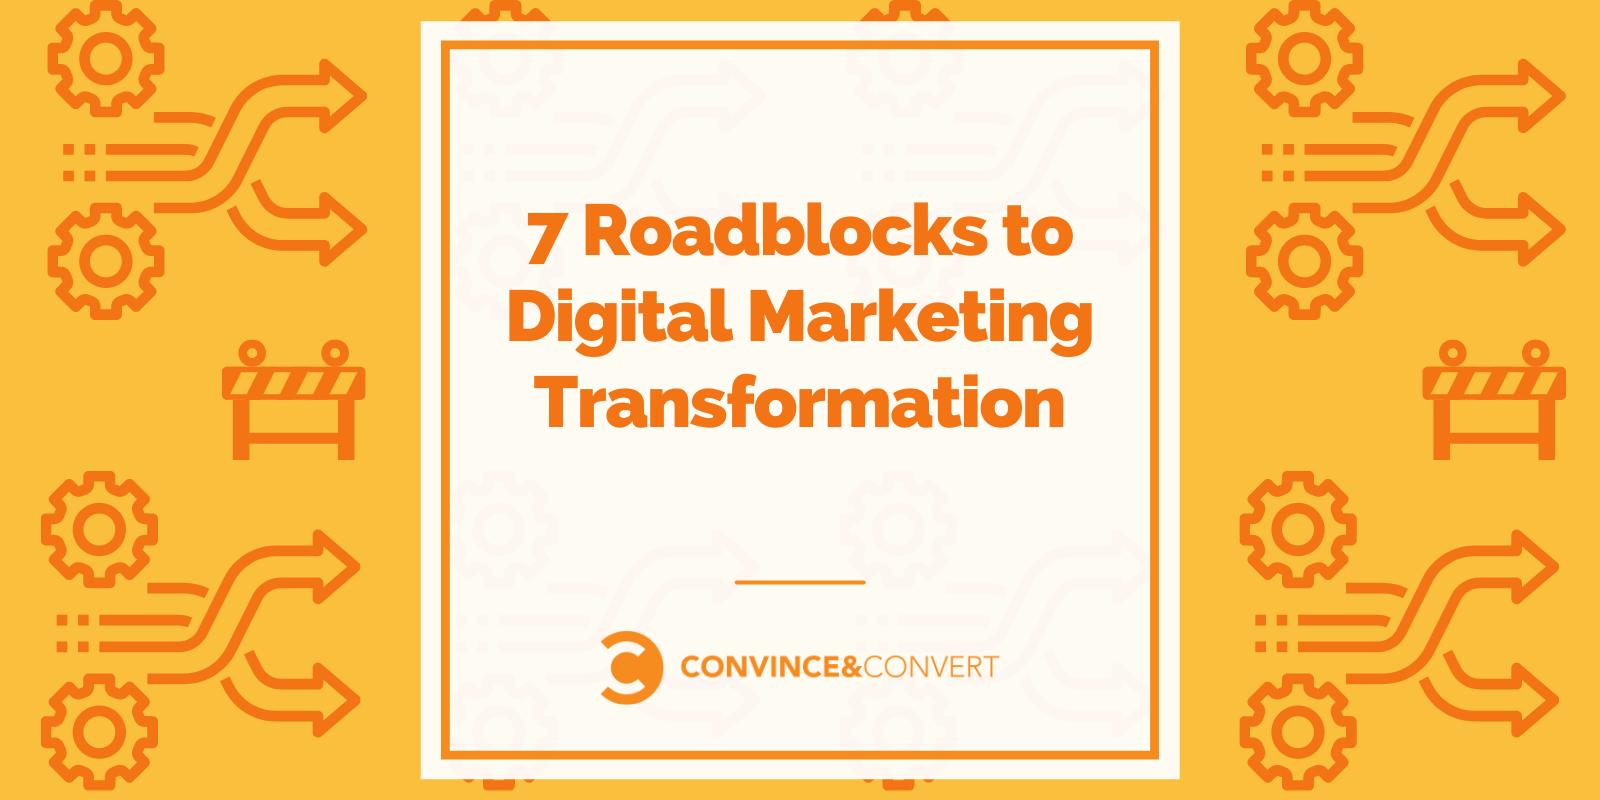 7 Roadblocks to Digital Marketing Transformation